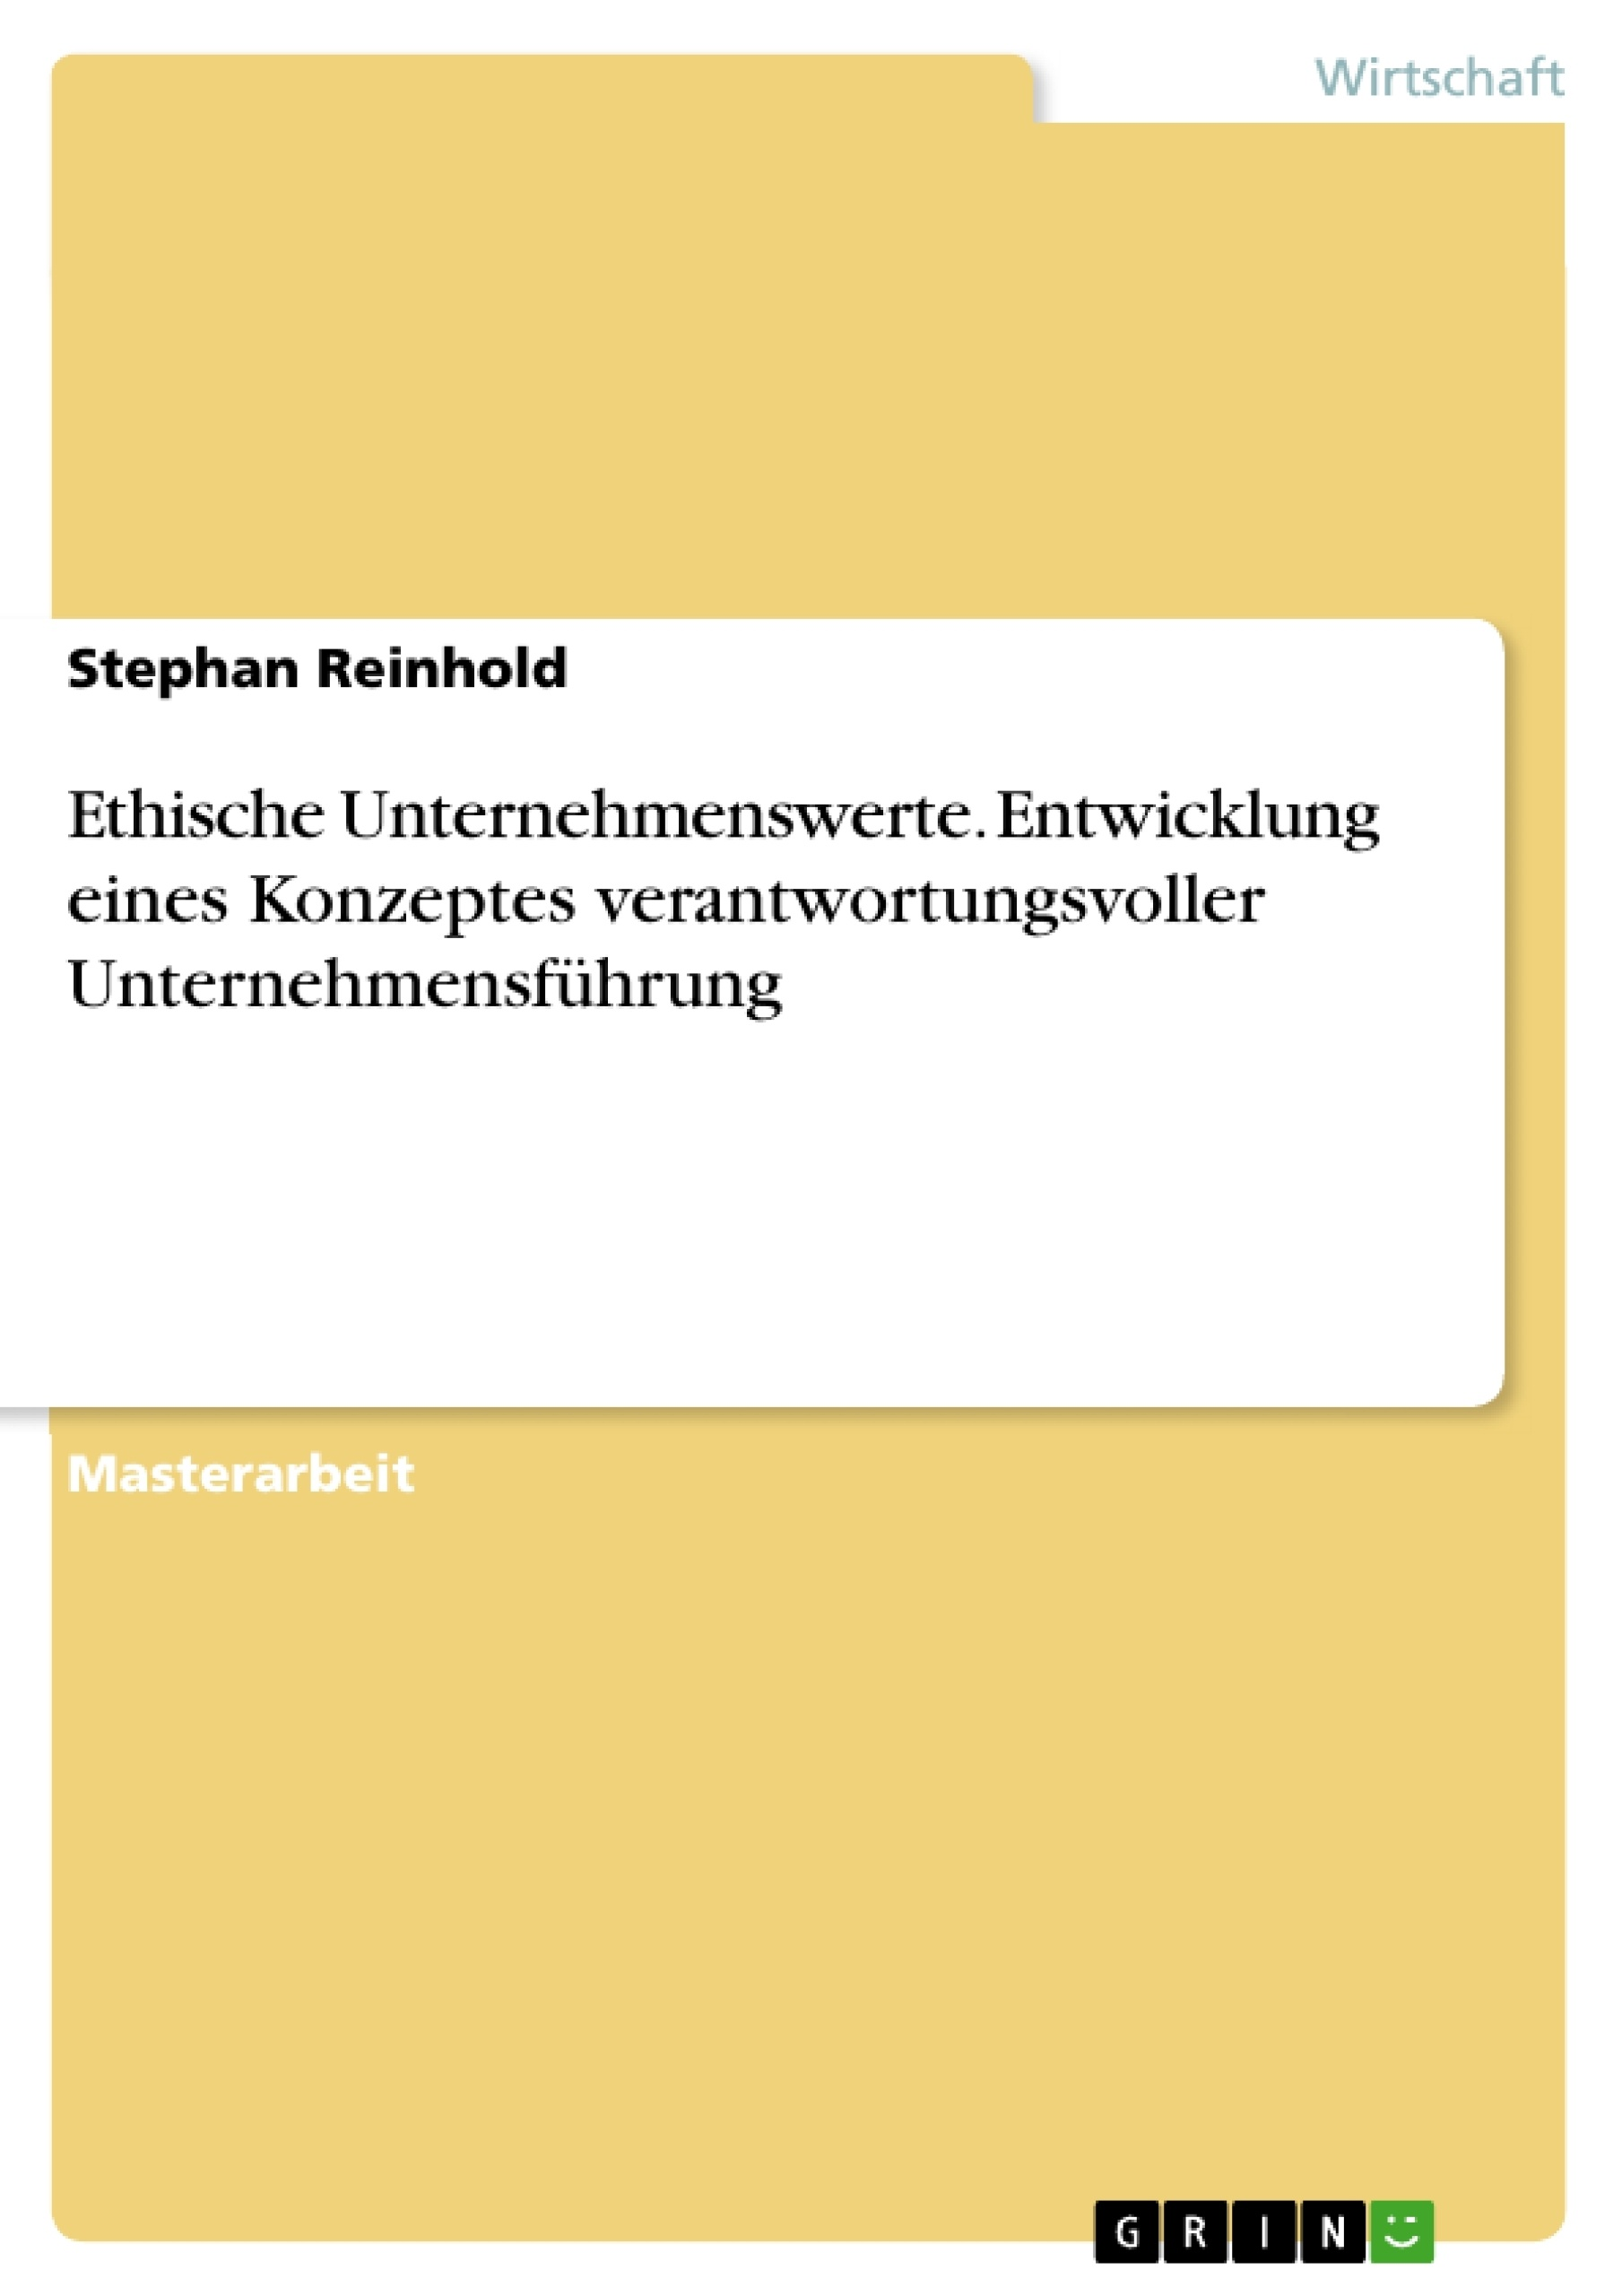 Titel: Ethische Unternehmenswerte. Entwicklung eines Konzeptes verantwortungsvoller Unternehmensführung